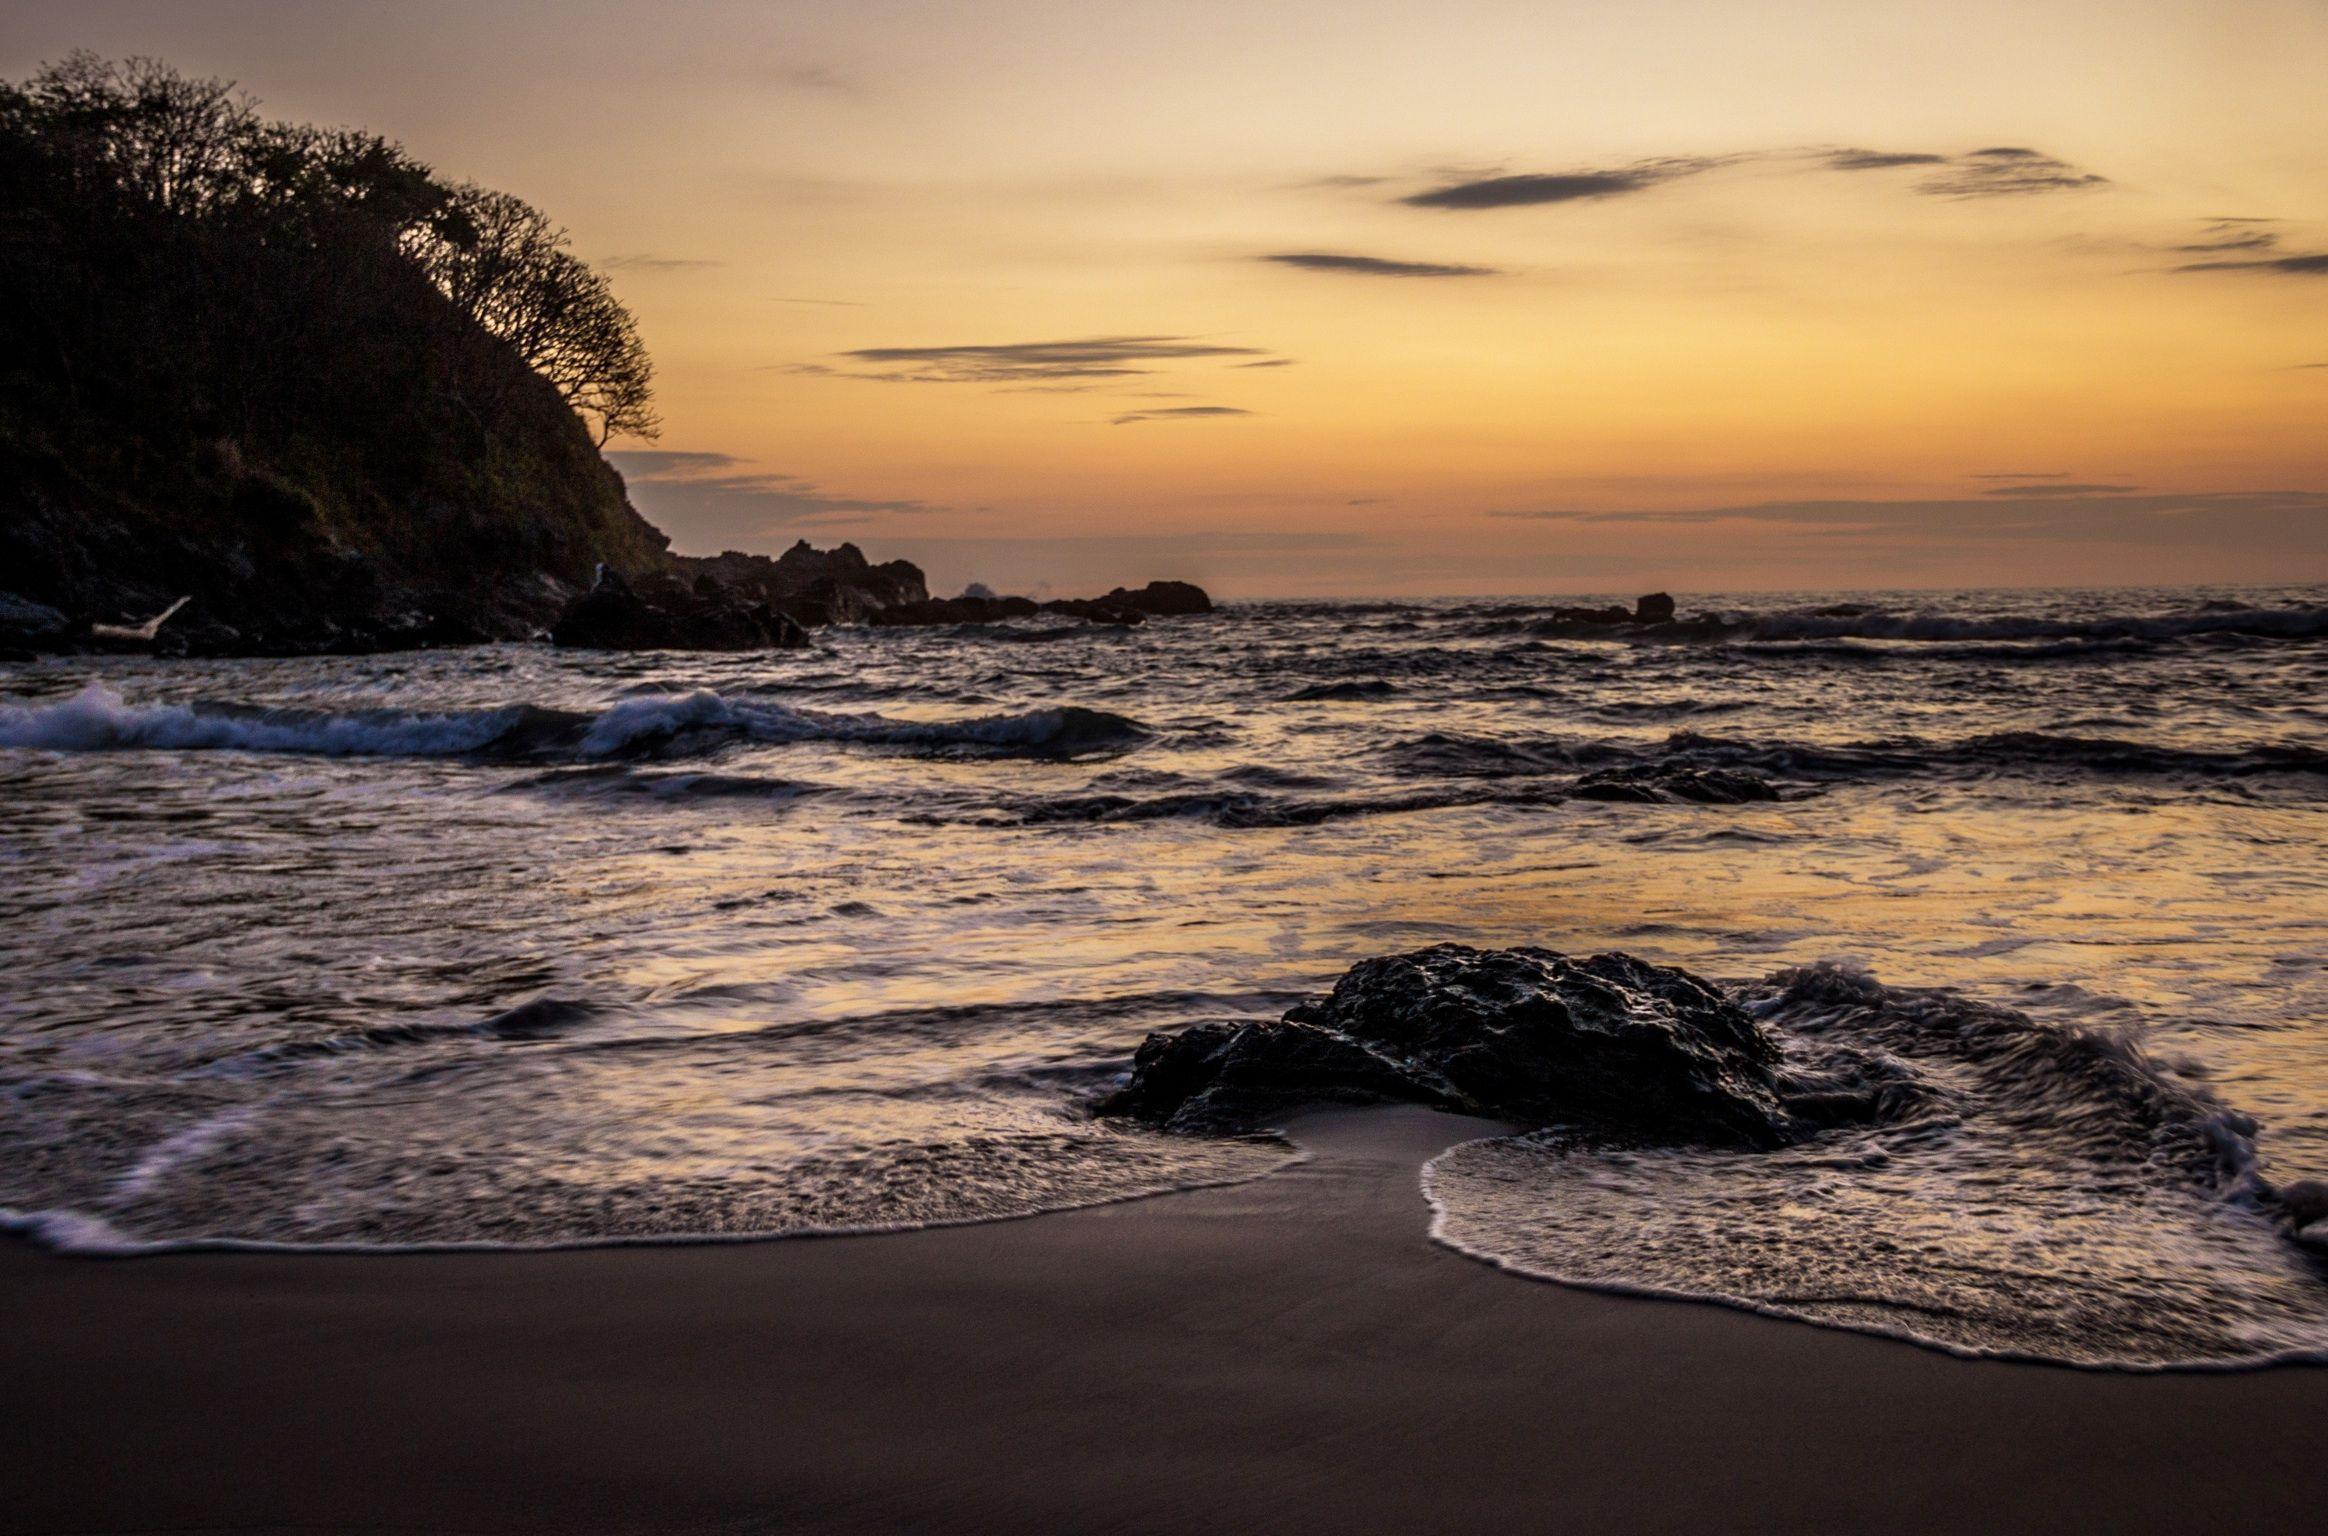 Bahías de Papanoa es un sitio de relajación y paz.